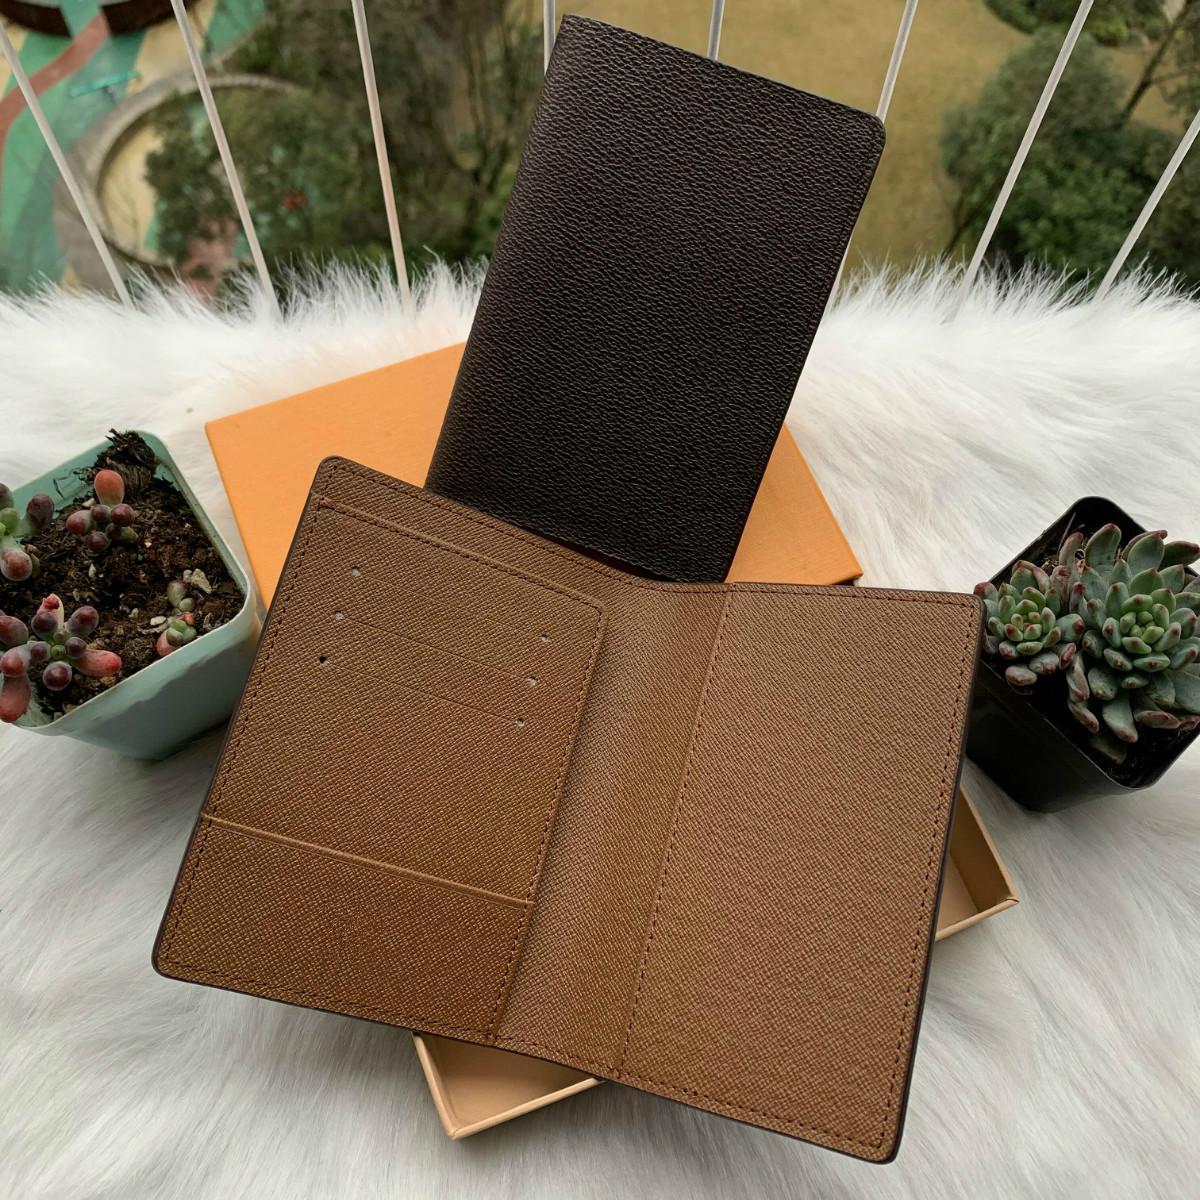 2021 رجل جواز سفر محفظة مصممين الرجال حامل بطاقة جلدية المرأة محفظة أغطية جوازات جرفتان الغمد مع صندوق وكيس الغبار